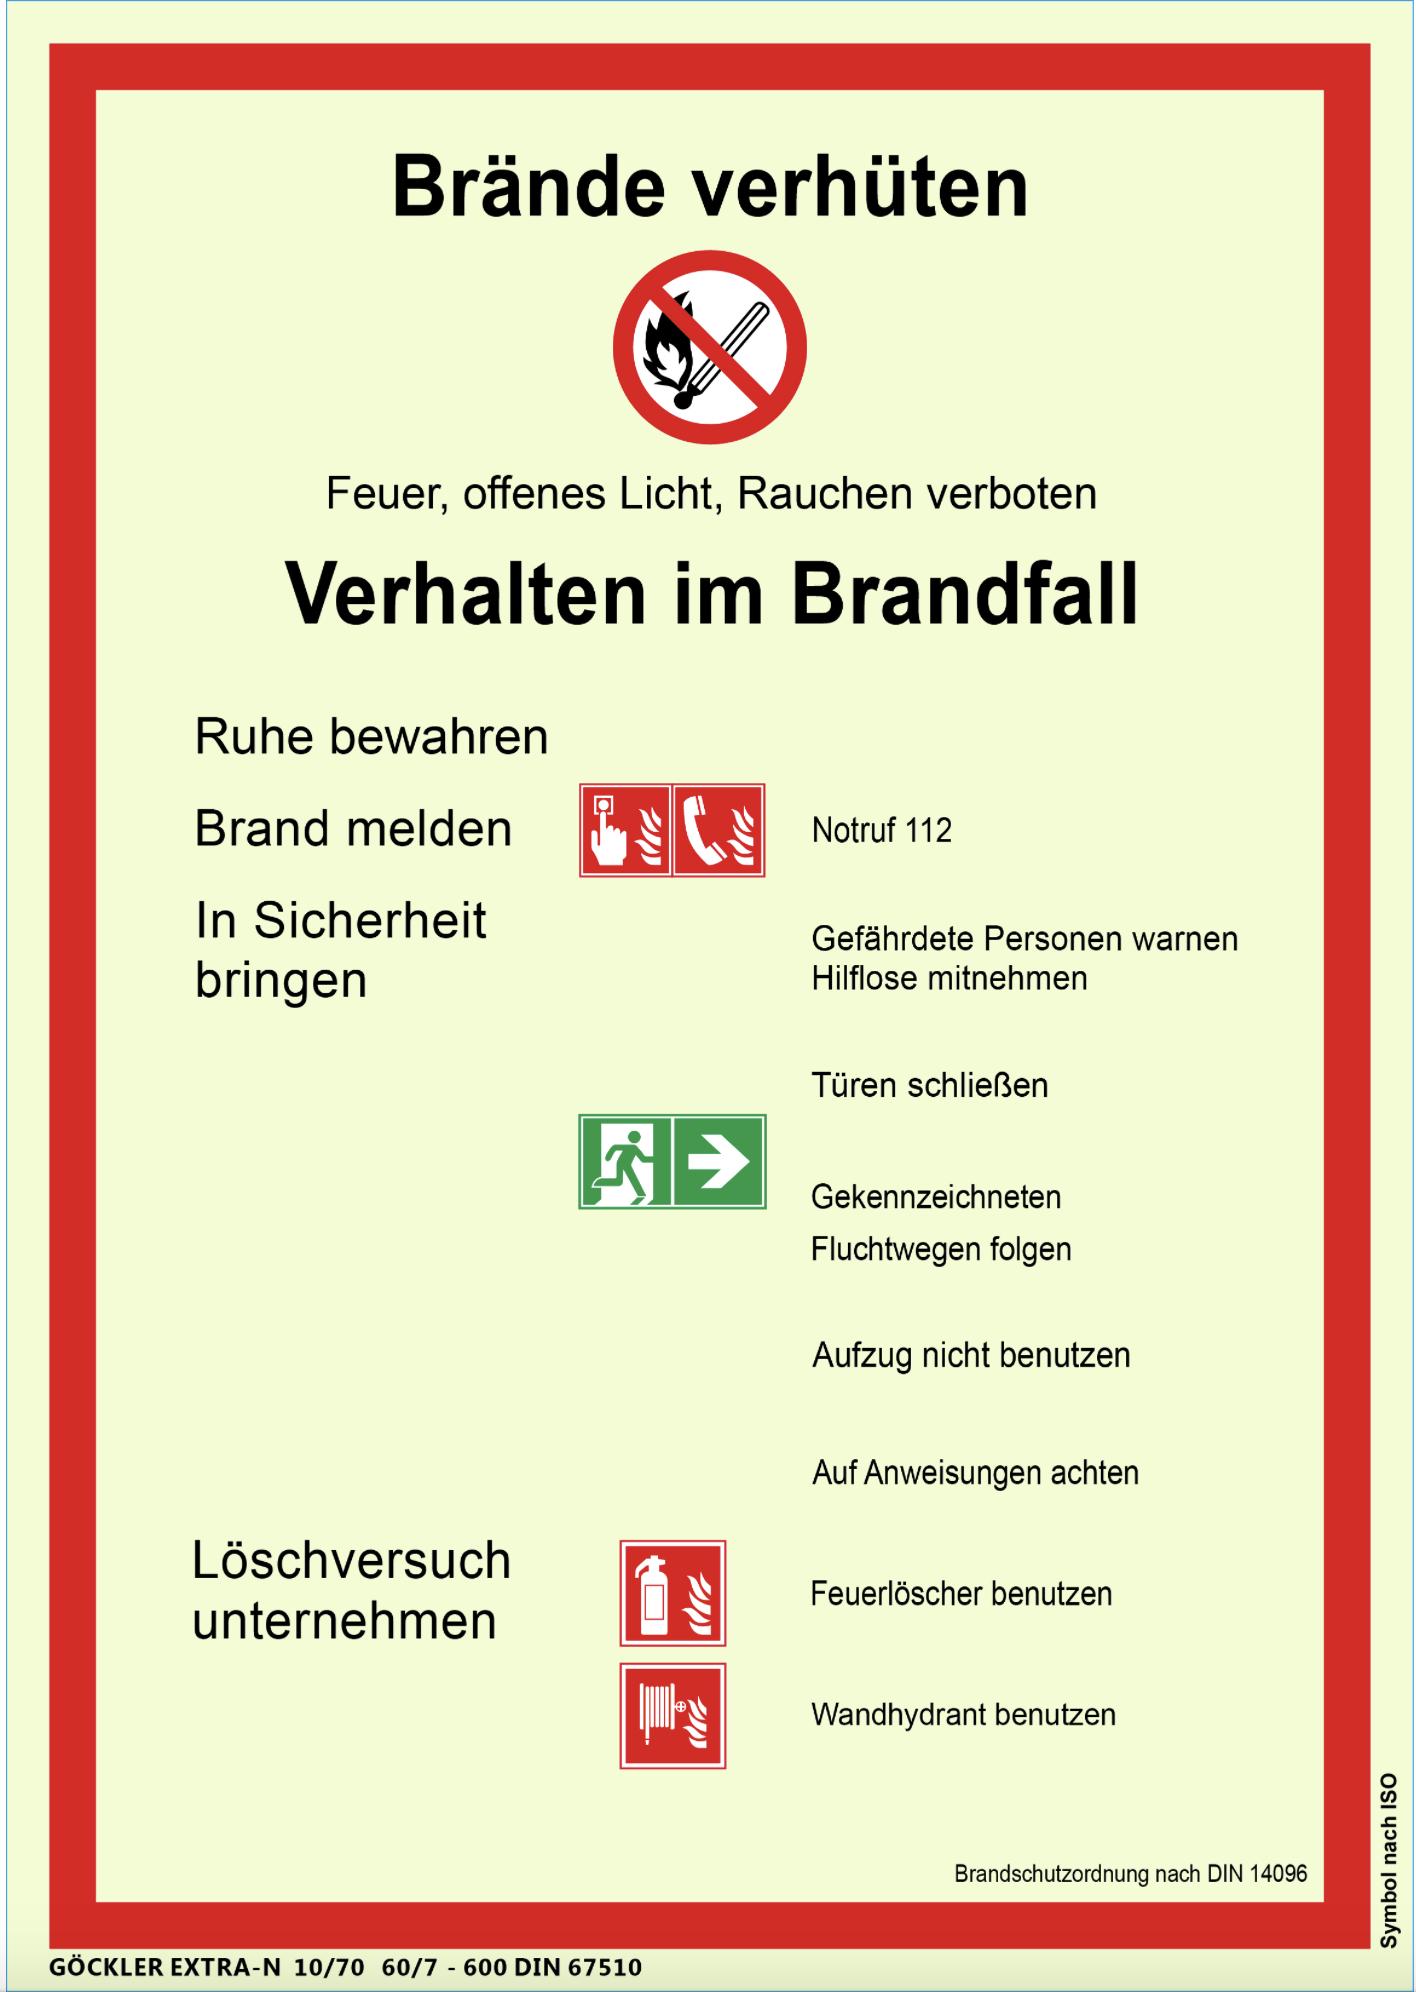 brandschutzordnung teil a iso7010 din 14096 aushang brandschutz nachleuchtend - Brandschutzordnung Muster